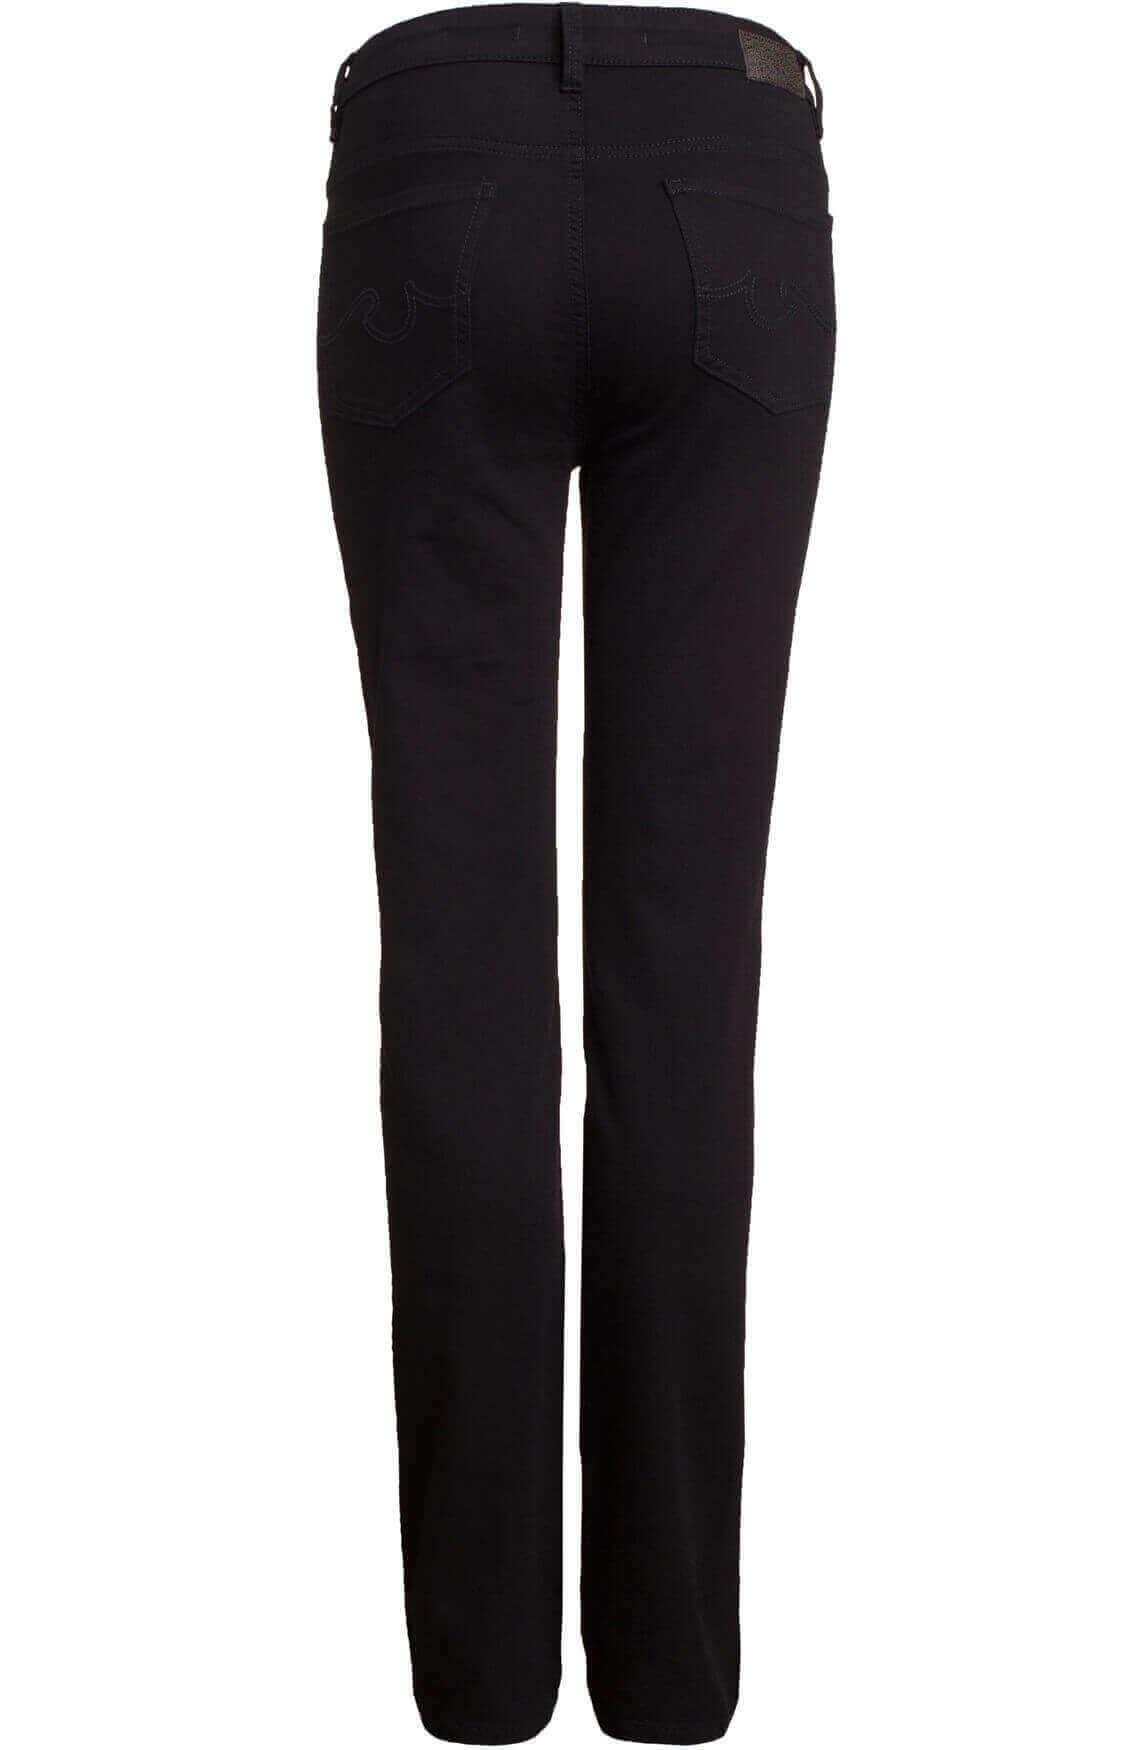 Rosner Dames L32 Audrey high waist jeans Zwart